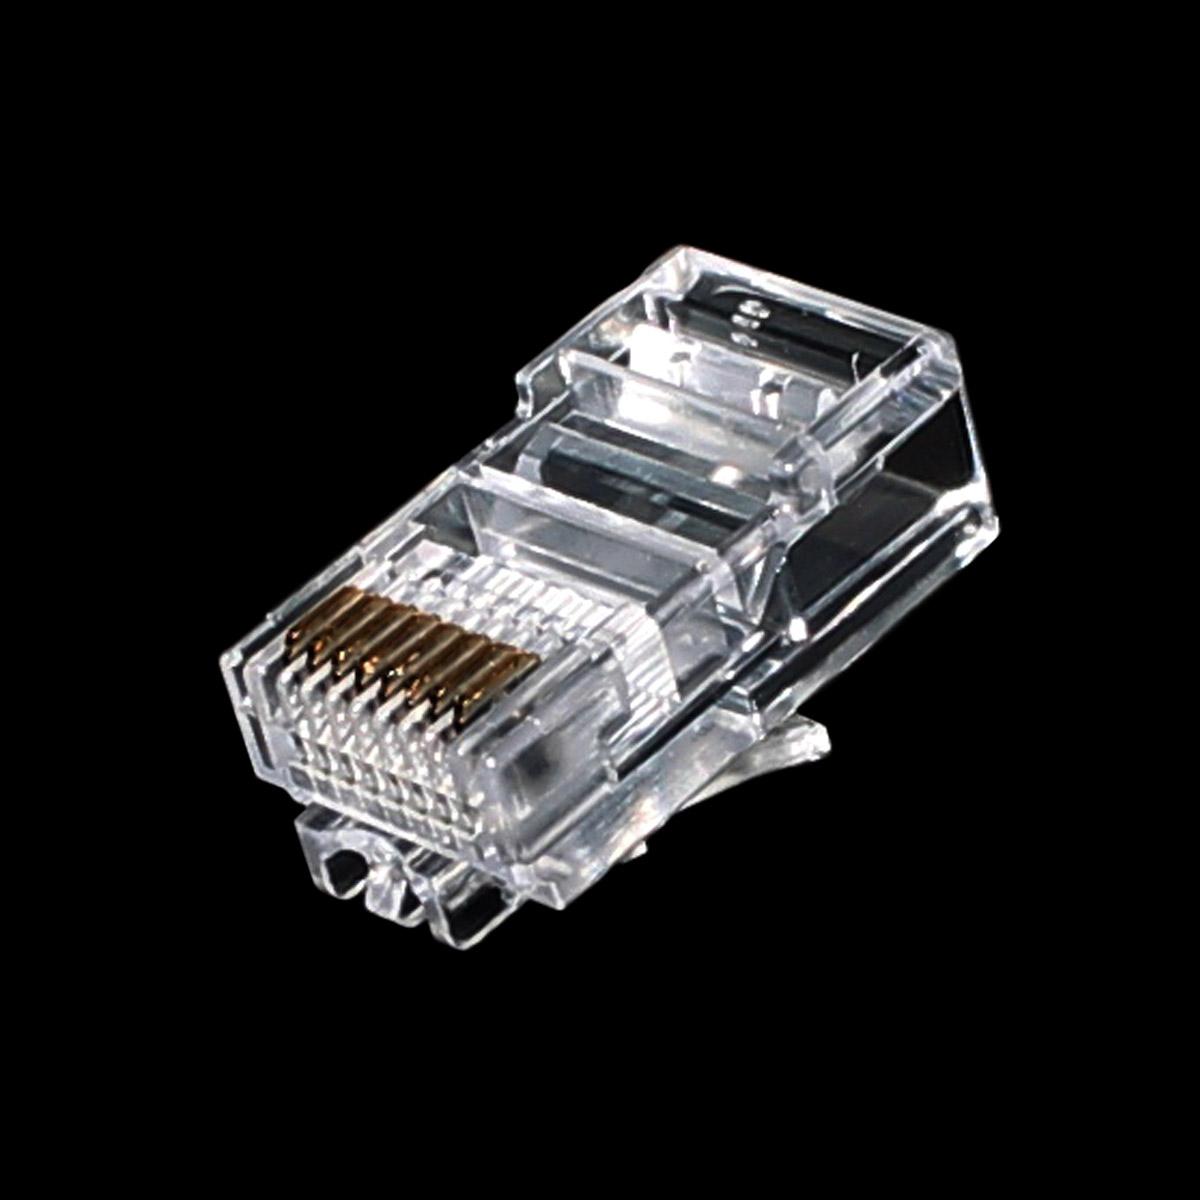 Conector Rj45 Macho Amp Commscope Eletrope 231 As Comercial